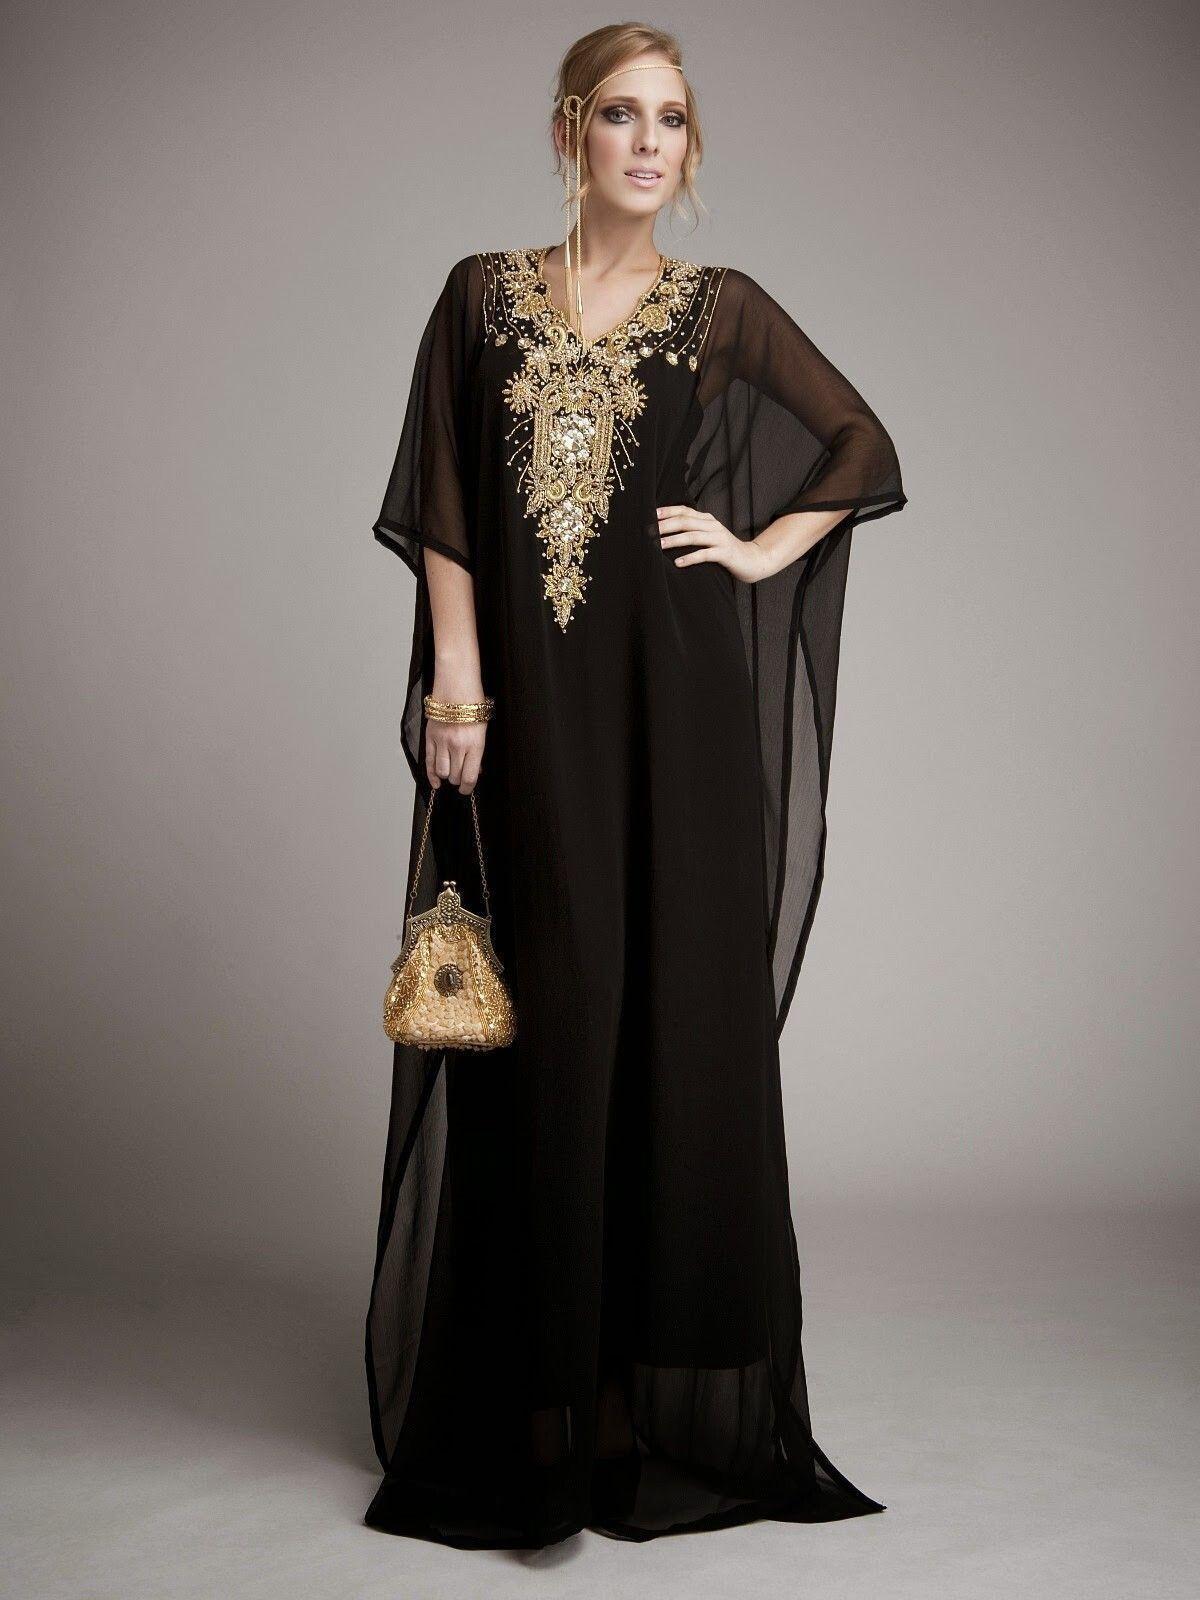 Großhandel 15 Dubai KAFTANS Abendkleider Abaya Jalabiya Schwarz V  Ausschnitt Kristallen Perlen Maxi Kleid Formal Festzug Kleid ISLAMIC Custom  Made